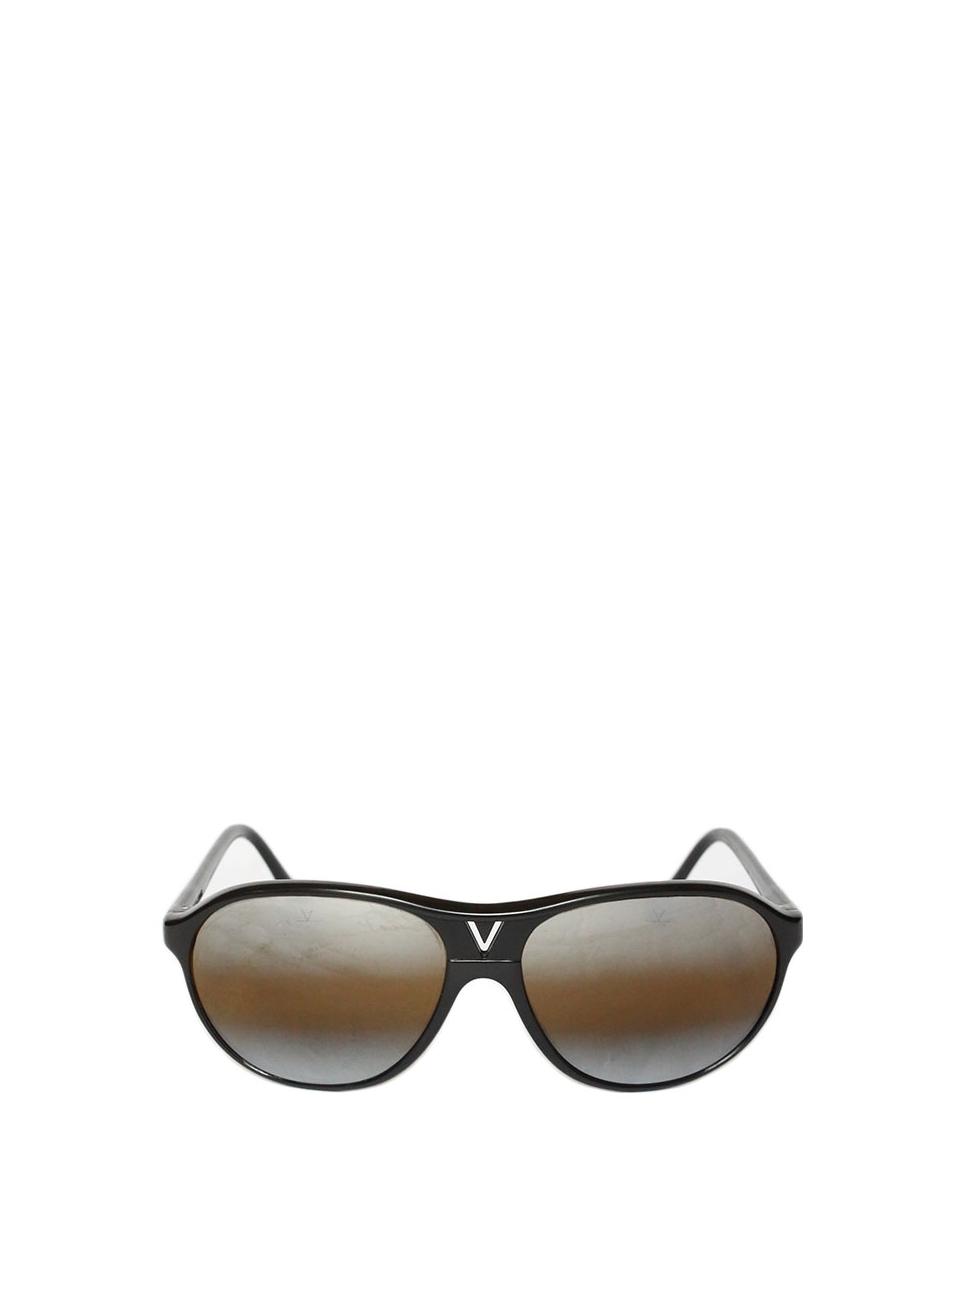 a6511dcc17 Lunettes de soleil VUARNET 085 Pouilloux noires Px boutique 330€